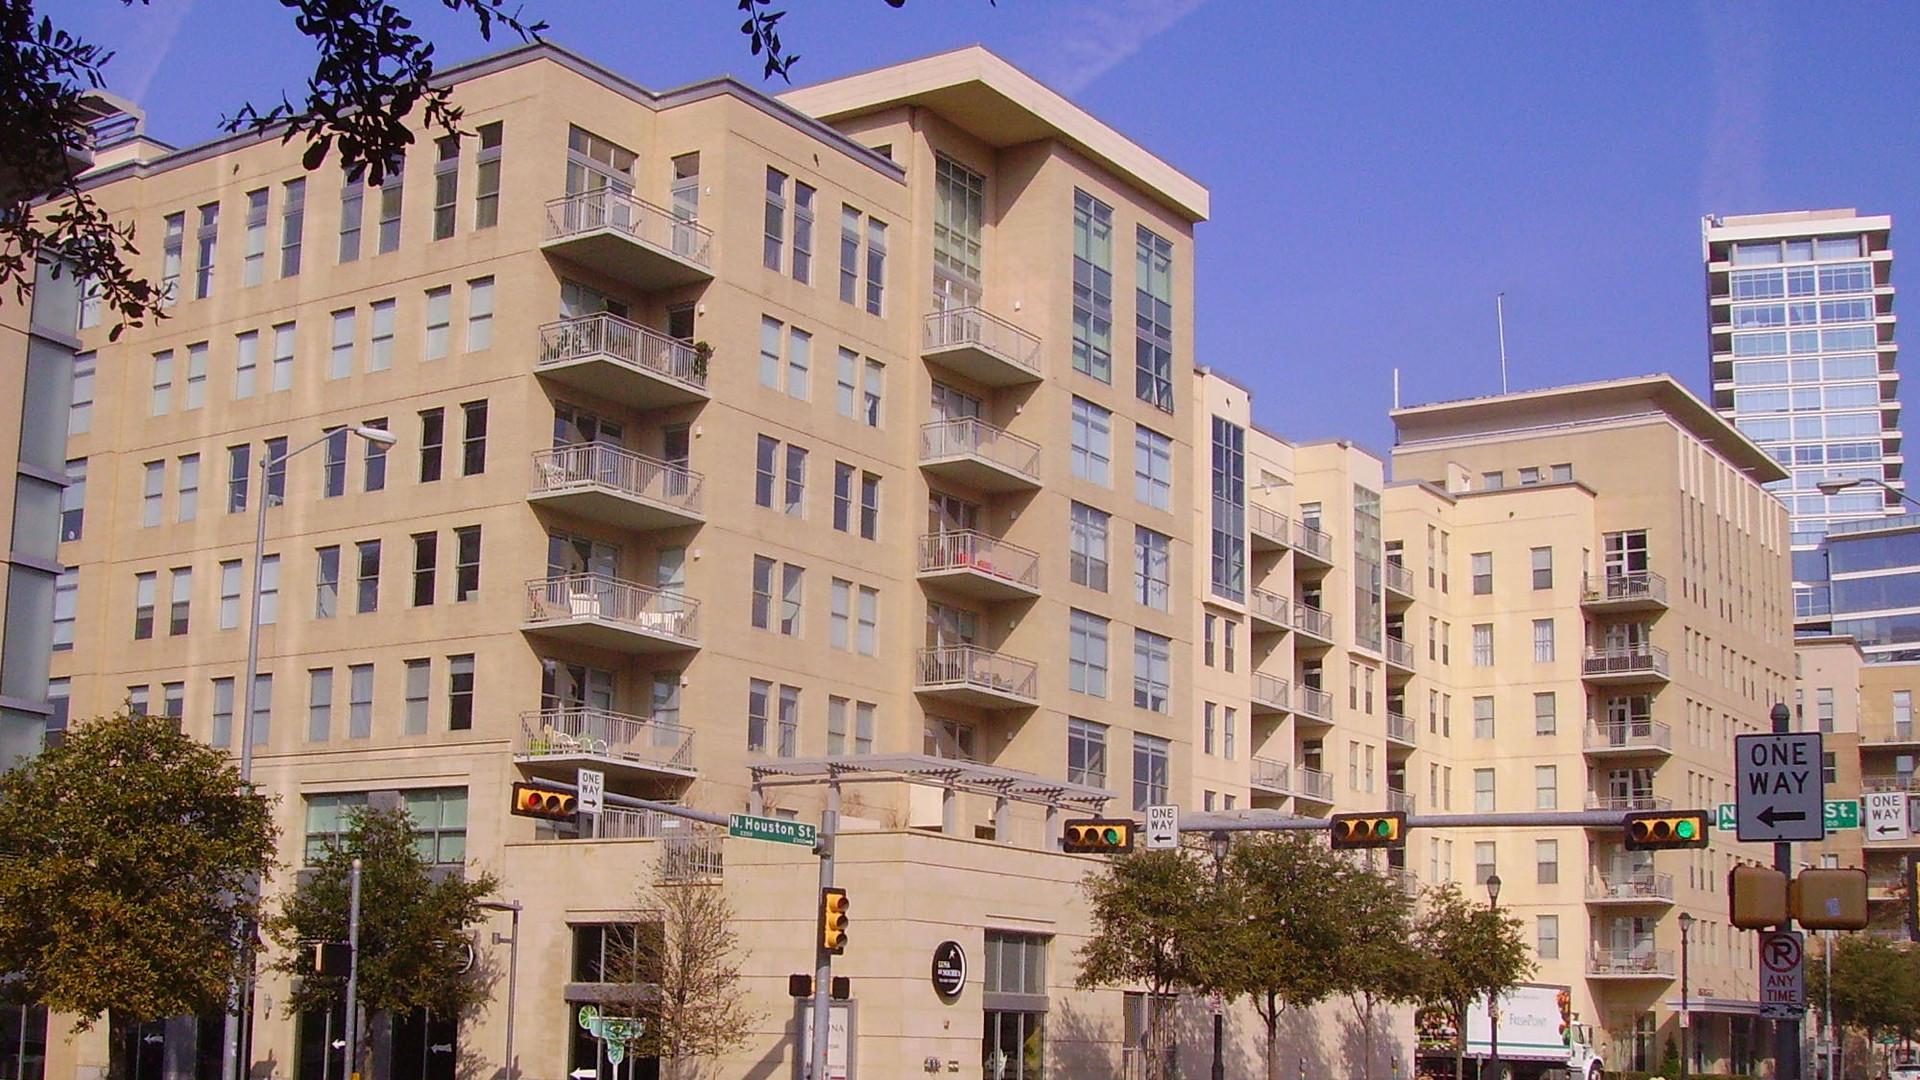 Terraces Condos, Vista Apts & Retail, Victory Park